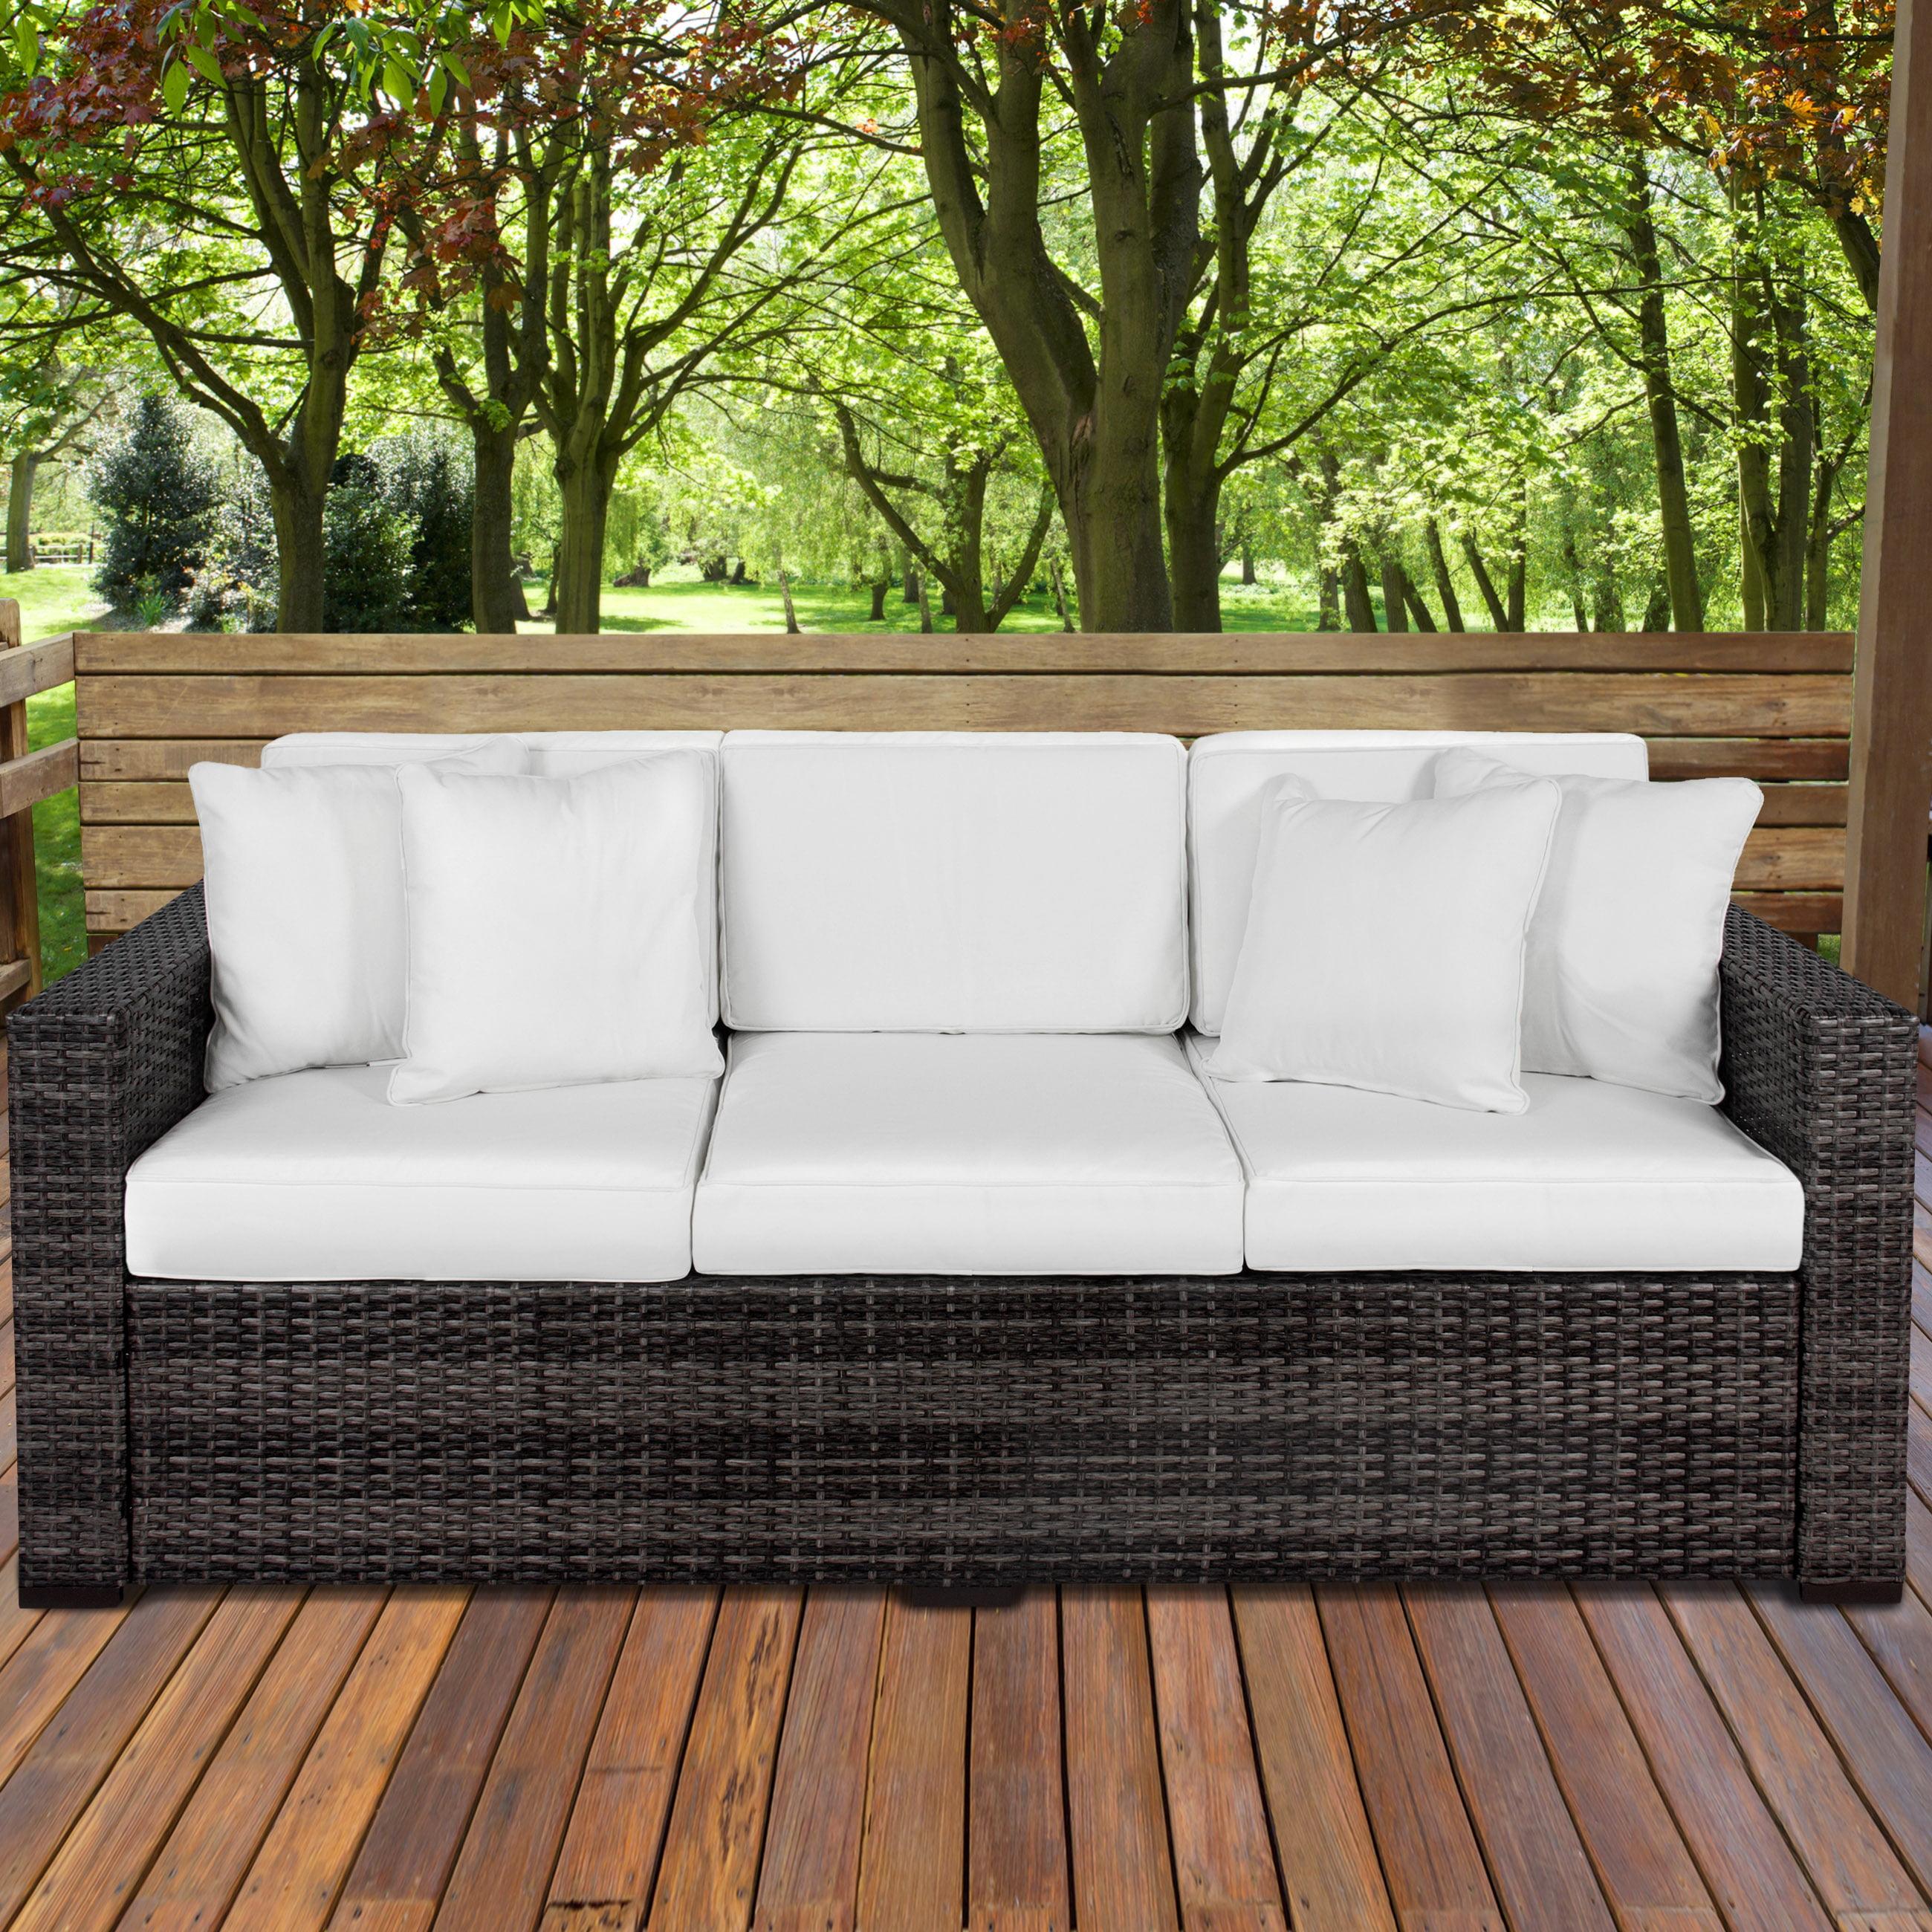 Outdoor Wicker Patio Furniture outdoor wicker patio furniture sofa 3 seater luxury comfort grey